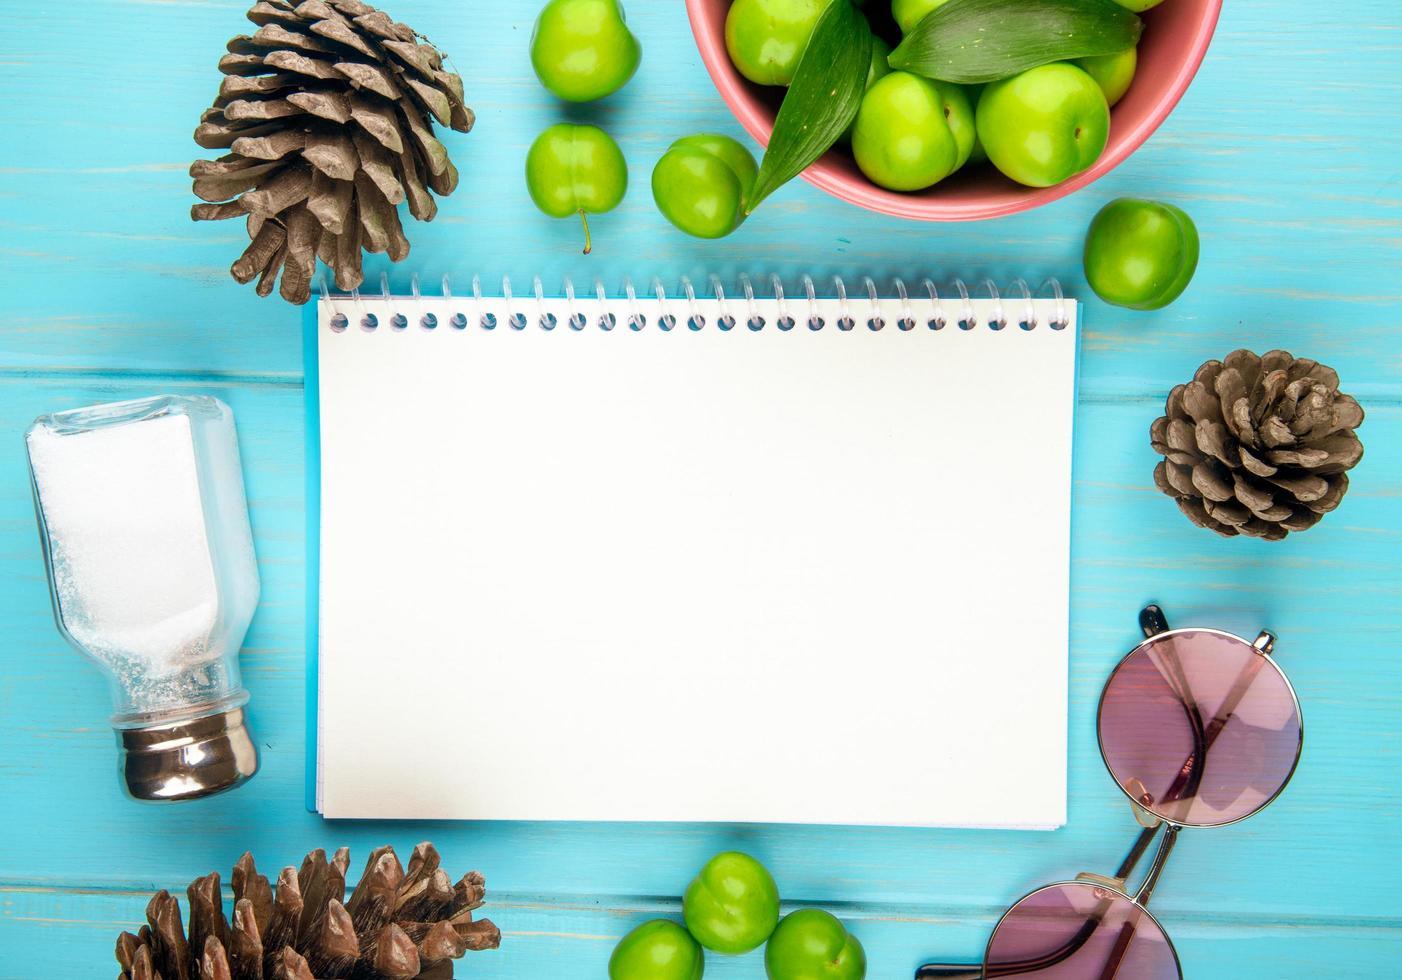 Draufsicht auf ein Skizzenbuch, umgeben von Früchten und Tannenzapfen foto